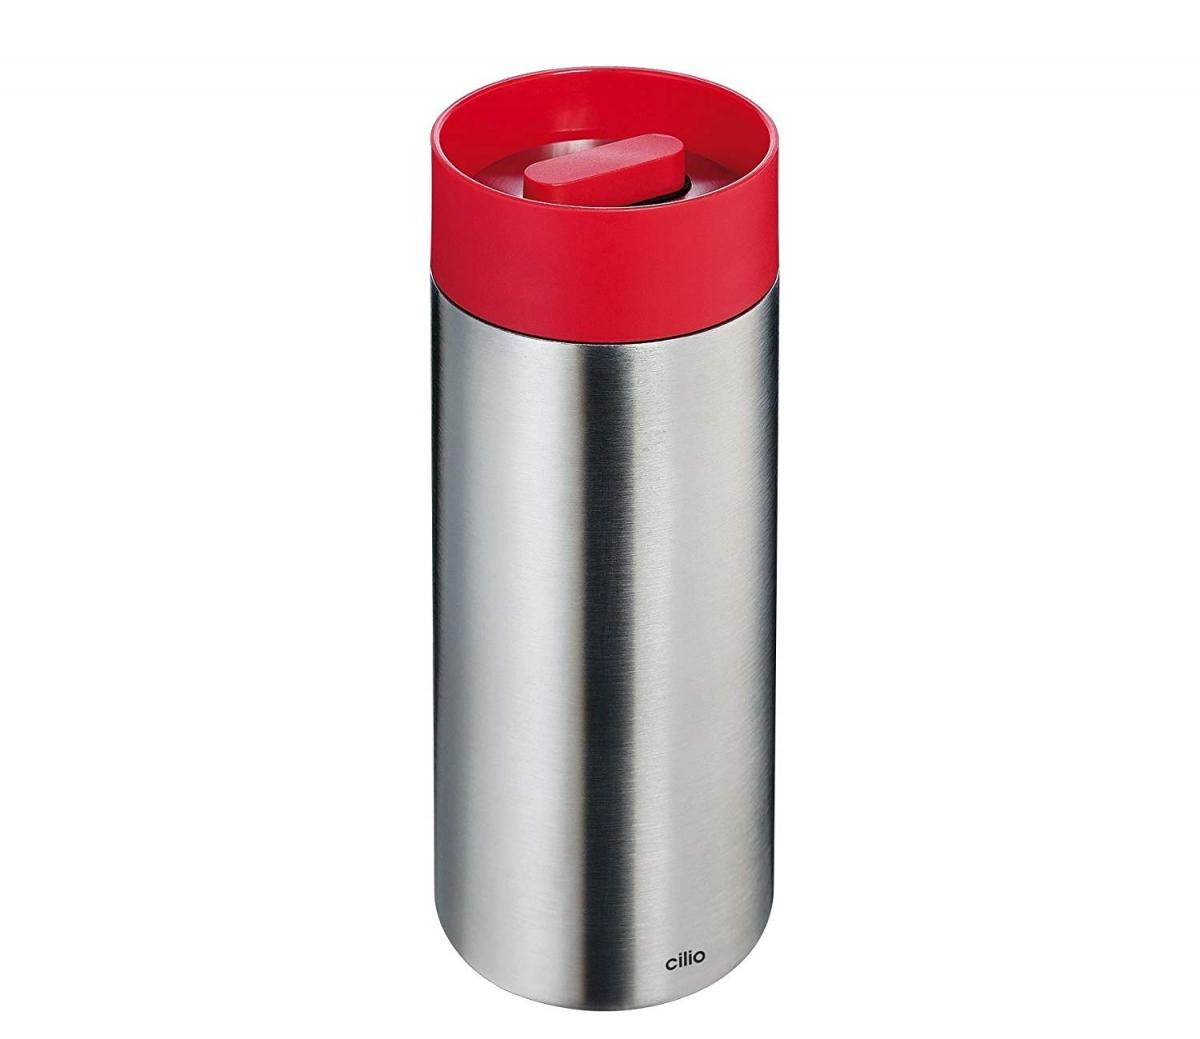 Cilio termohrnek Perfetta, 350 ml - červená